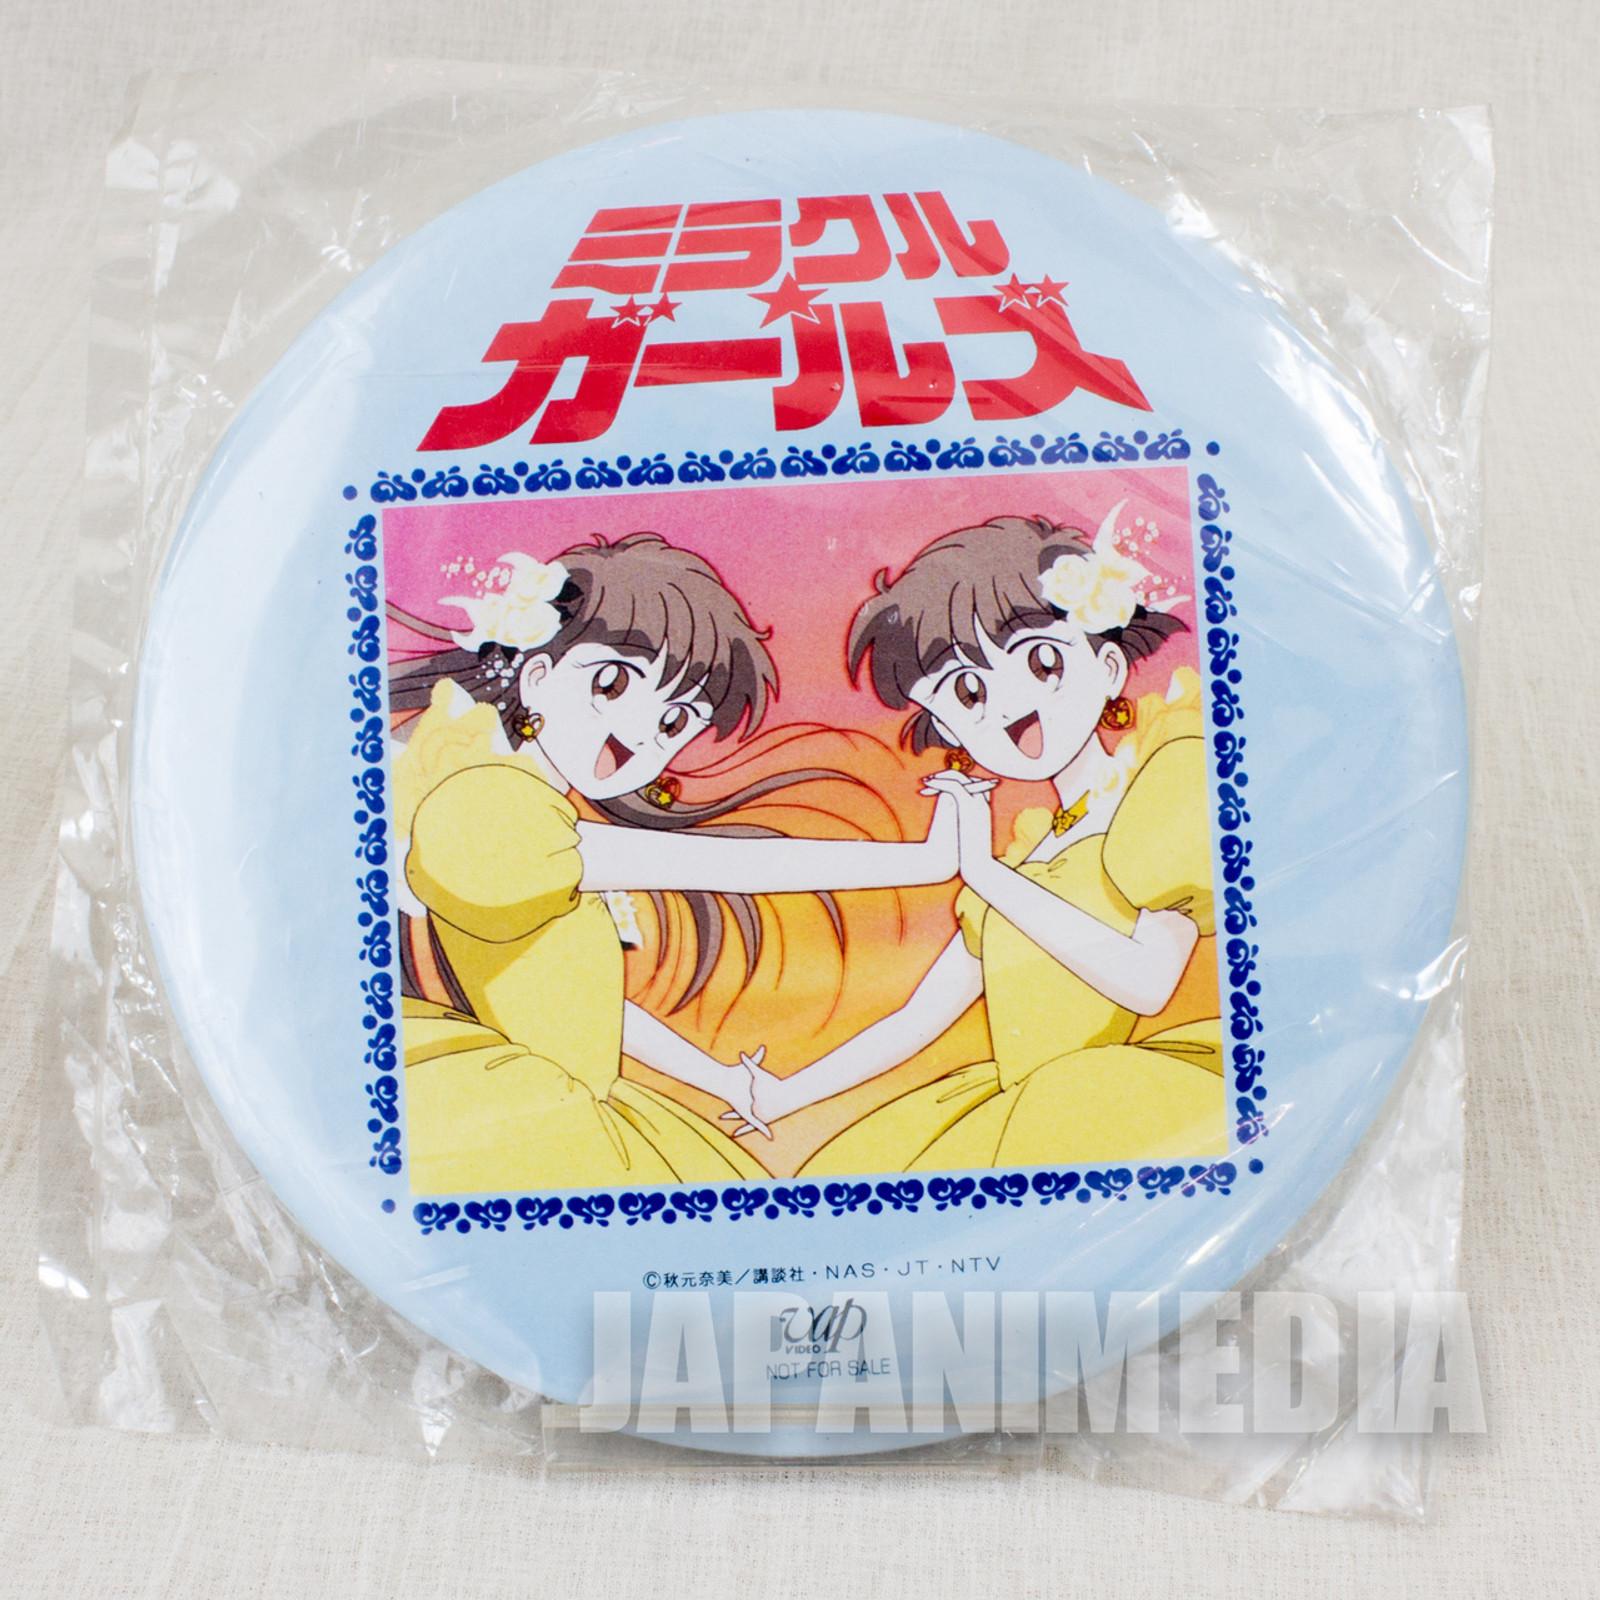 Miracle Girls Tomomi Mikage Matsunaga Big size Button badge #1 JAPAN ANIME